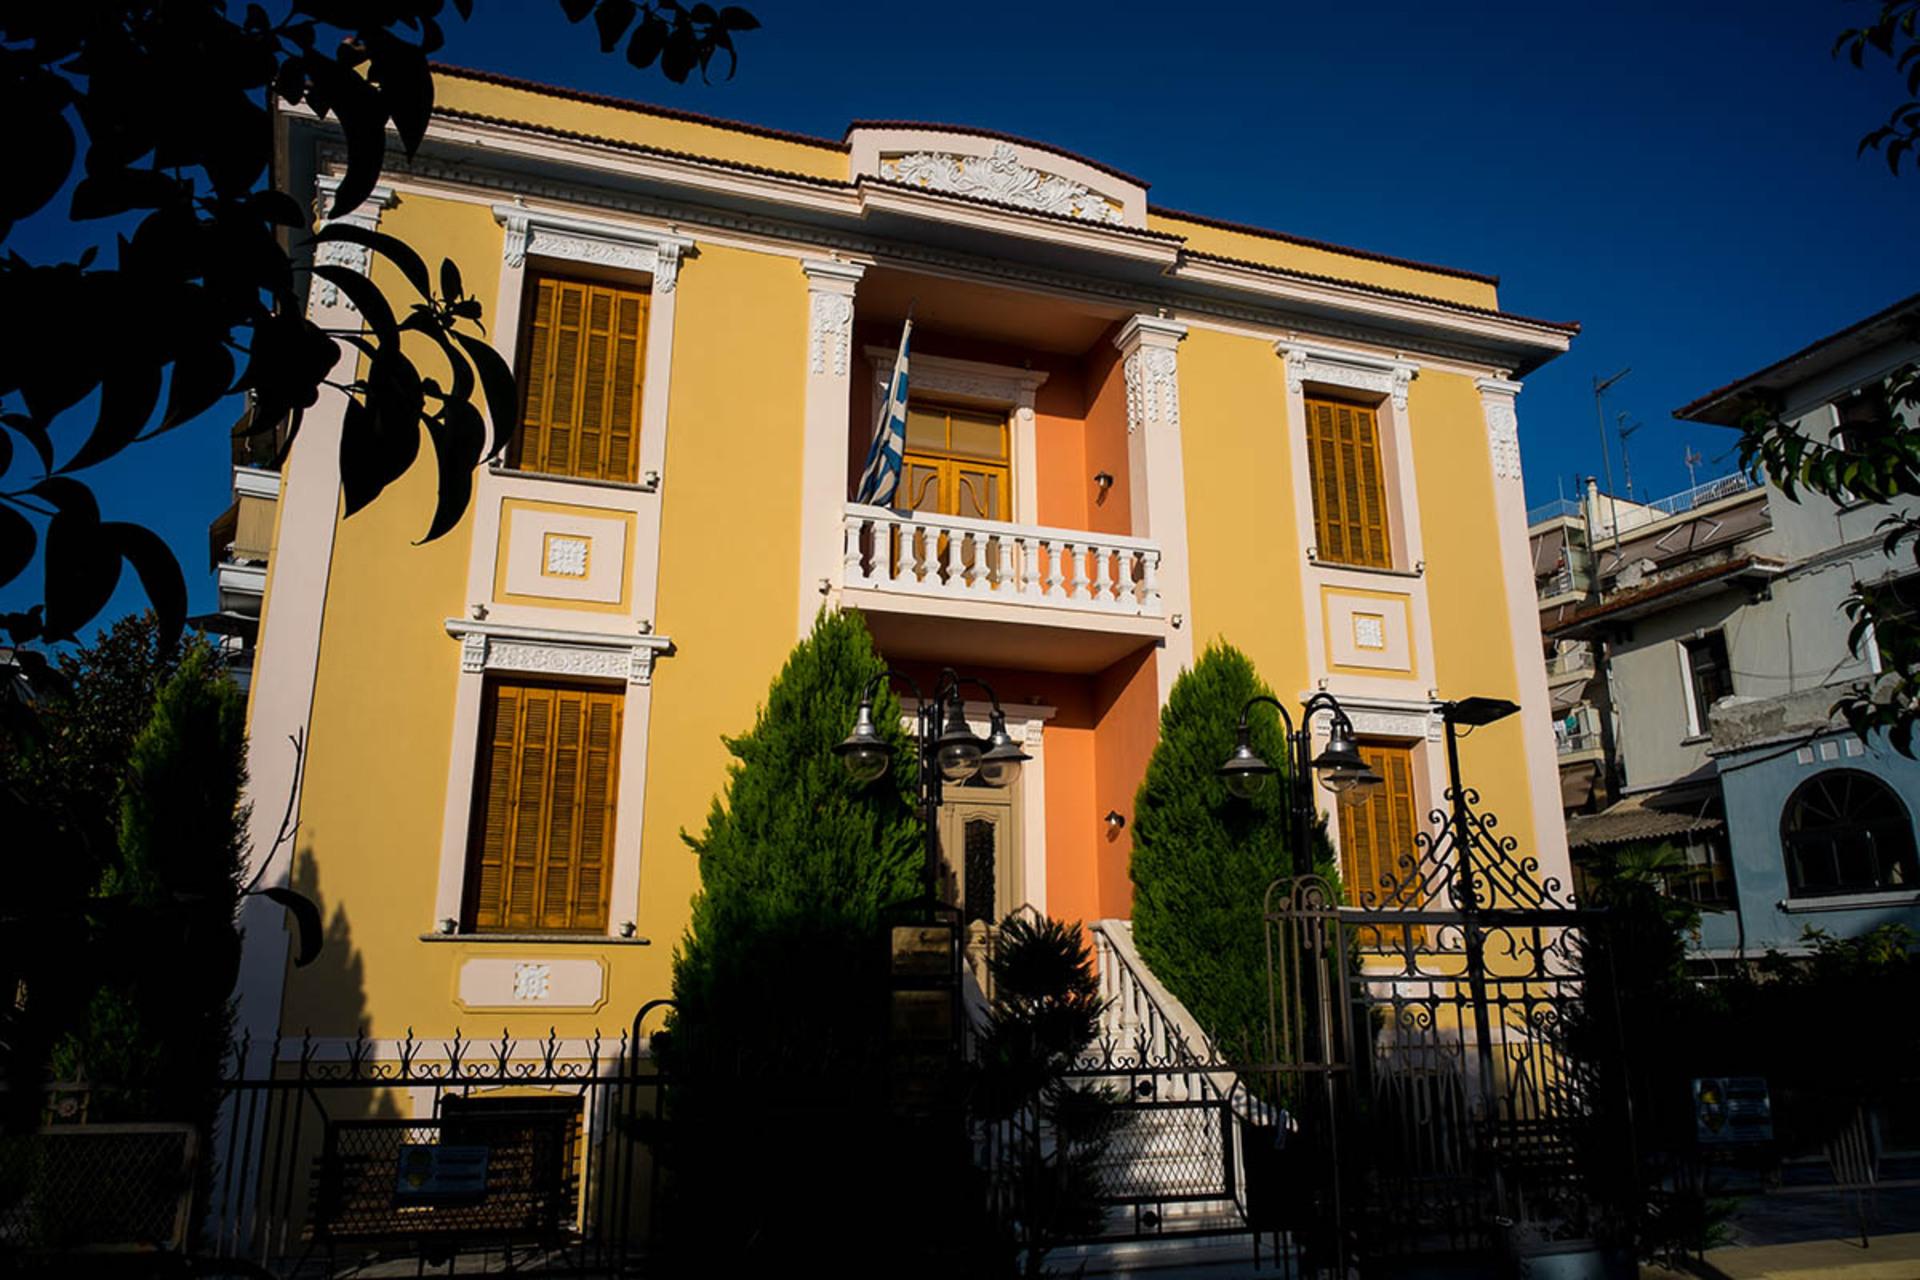 Αποτέλεσμα εικόνας για βλαχογιάννειο μουσείο μακεδονικού αγώνα